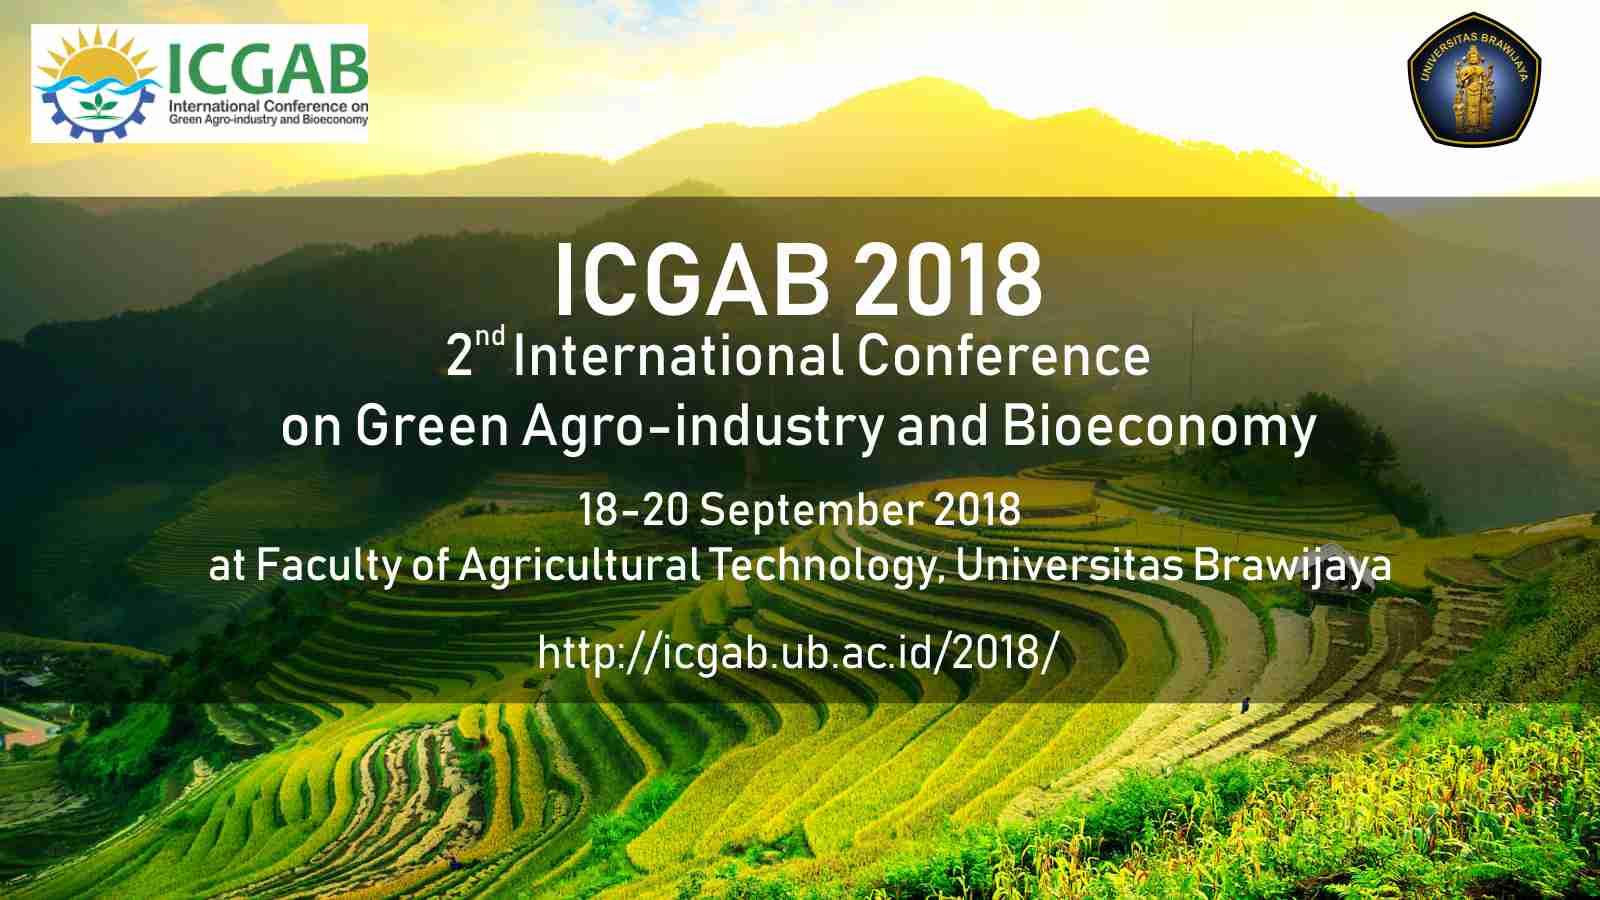 ICGAB 2018